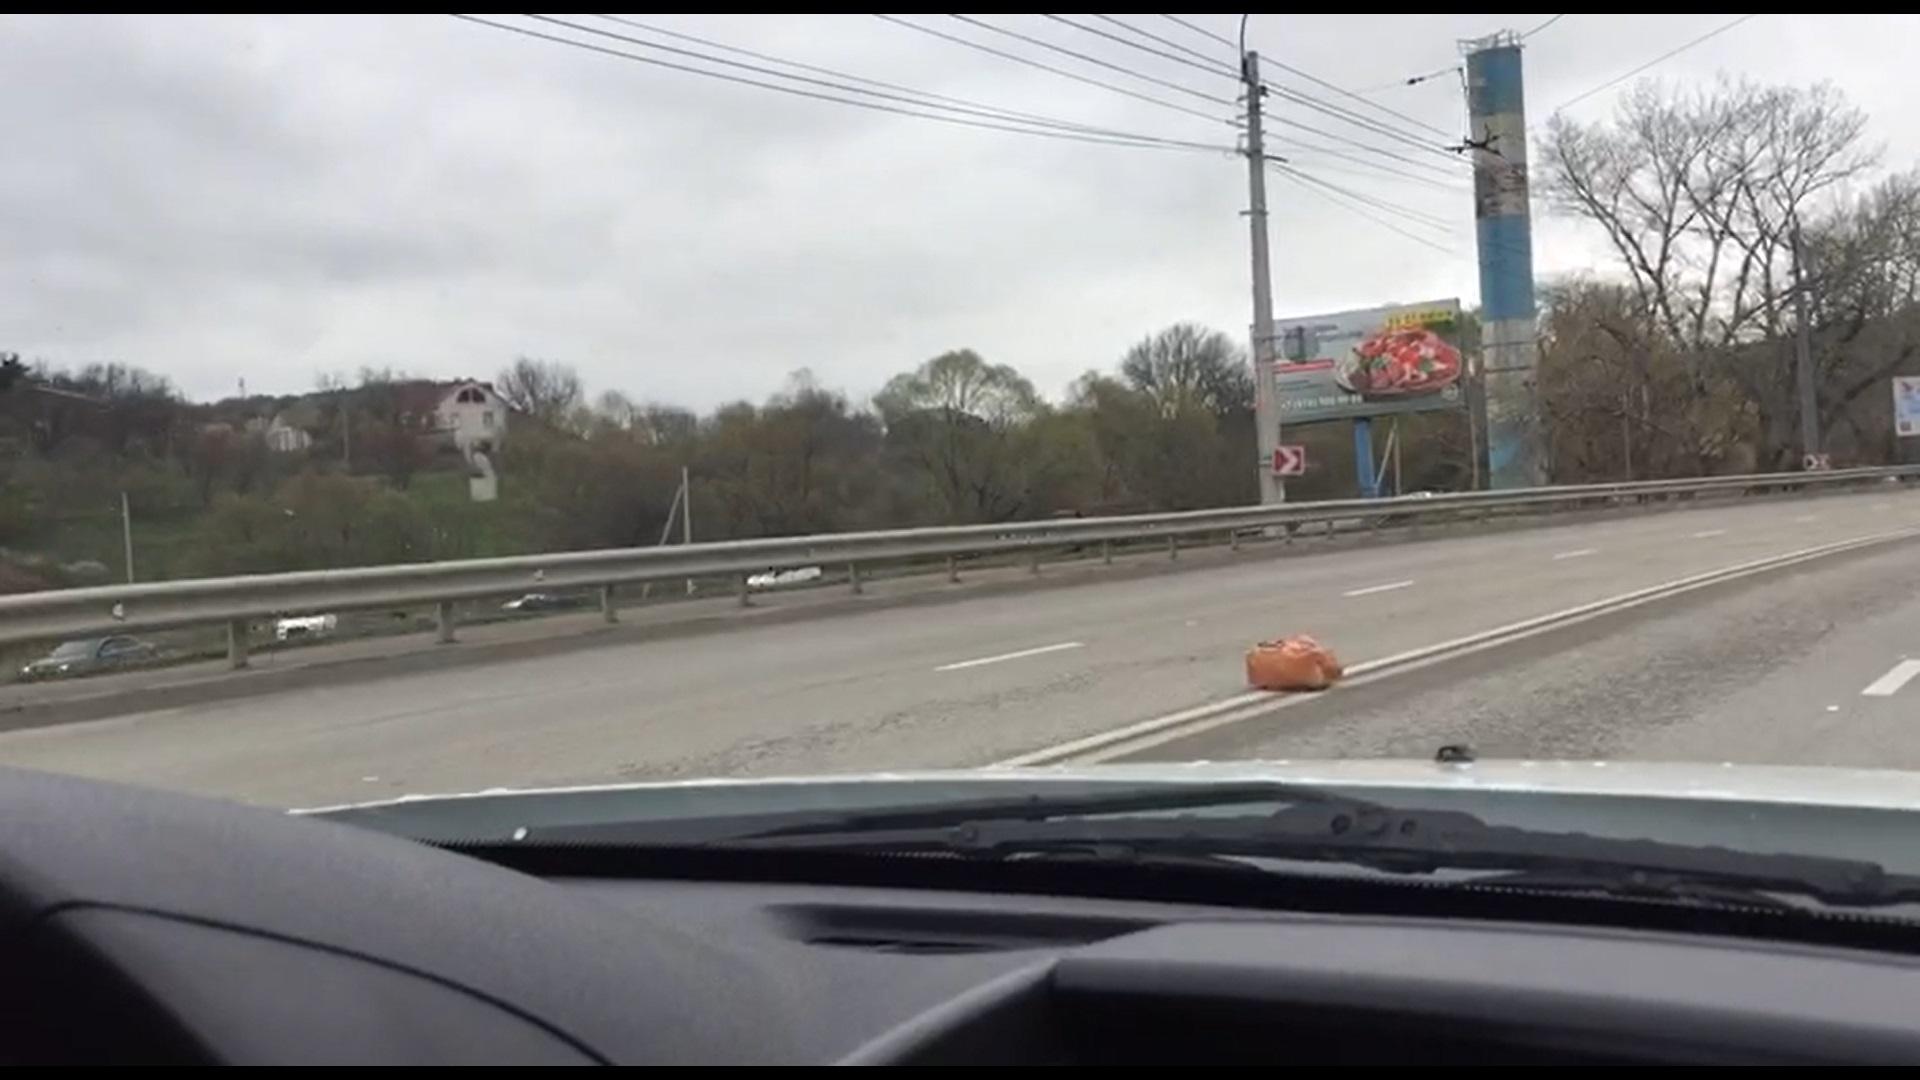 Ялтинскую трассу оцепили из-за подозрительного предмета